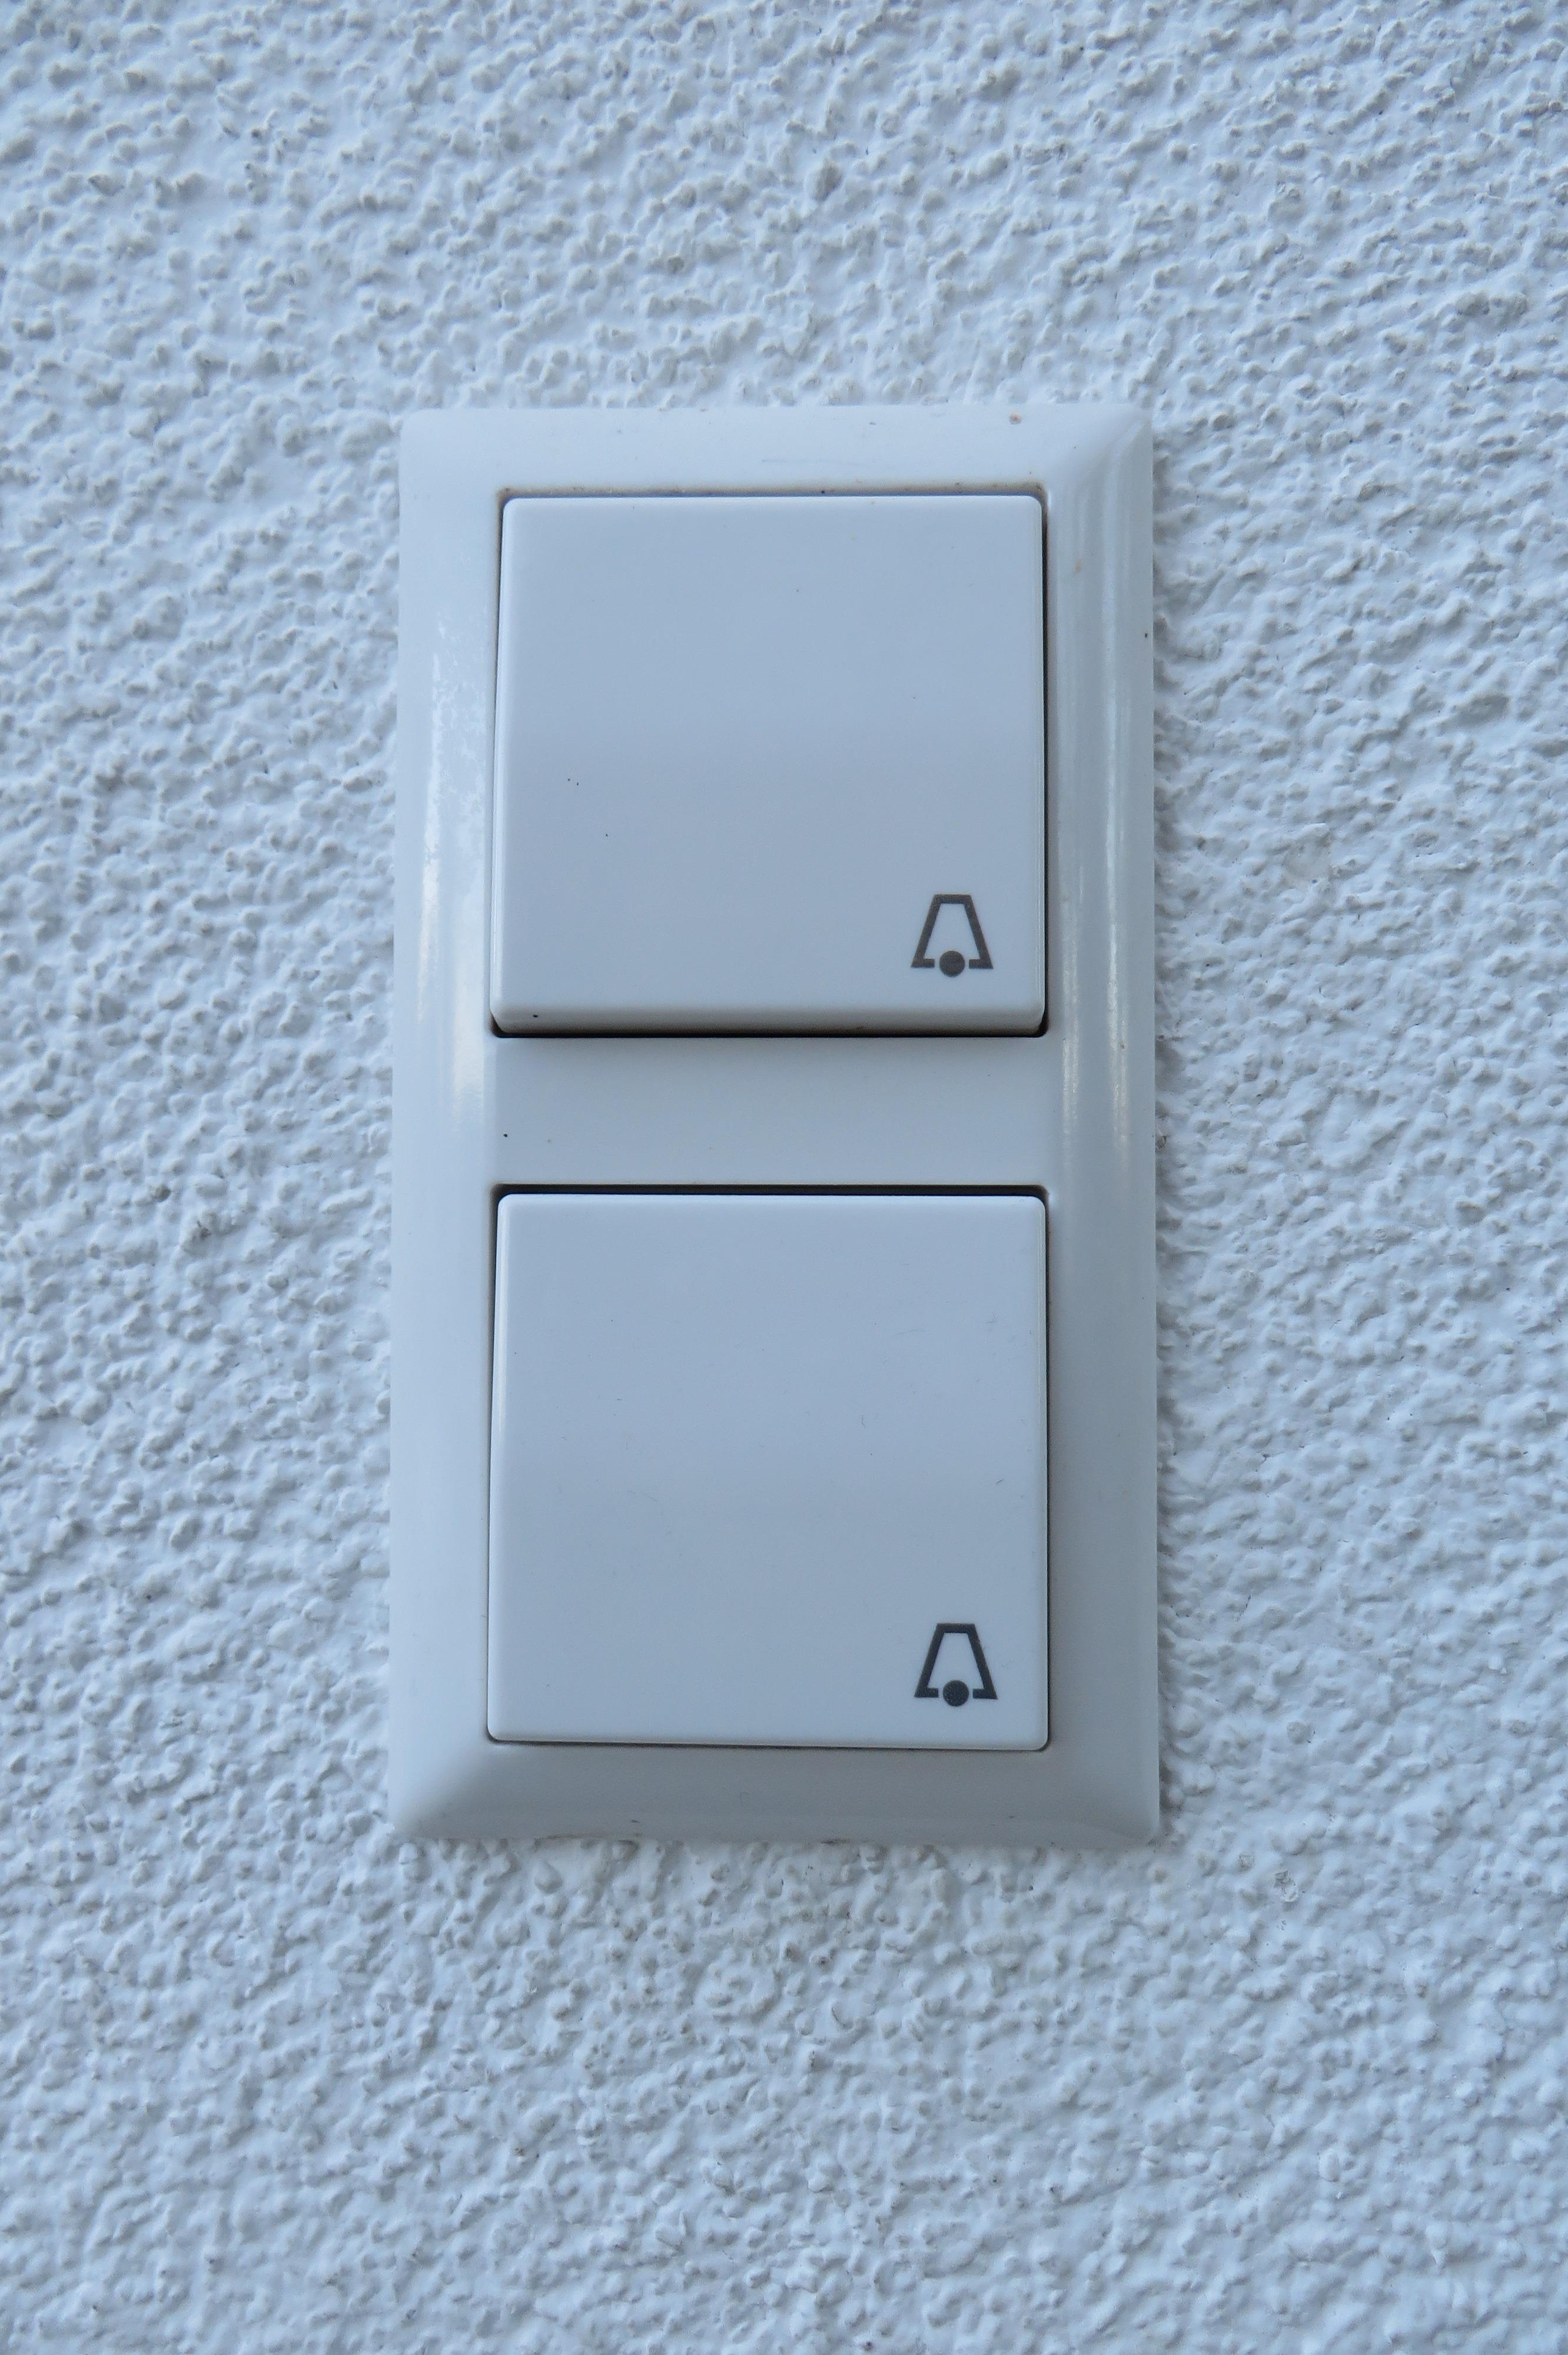 Fotos gratis tecnolog a edificio casa rect ngulo entrada timbre de la puerta tocar la - Timbre de casa ...